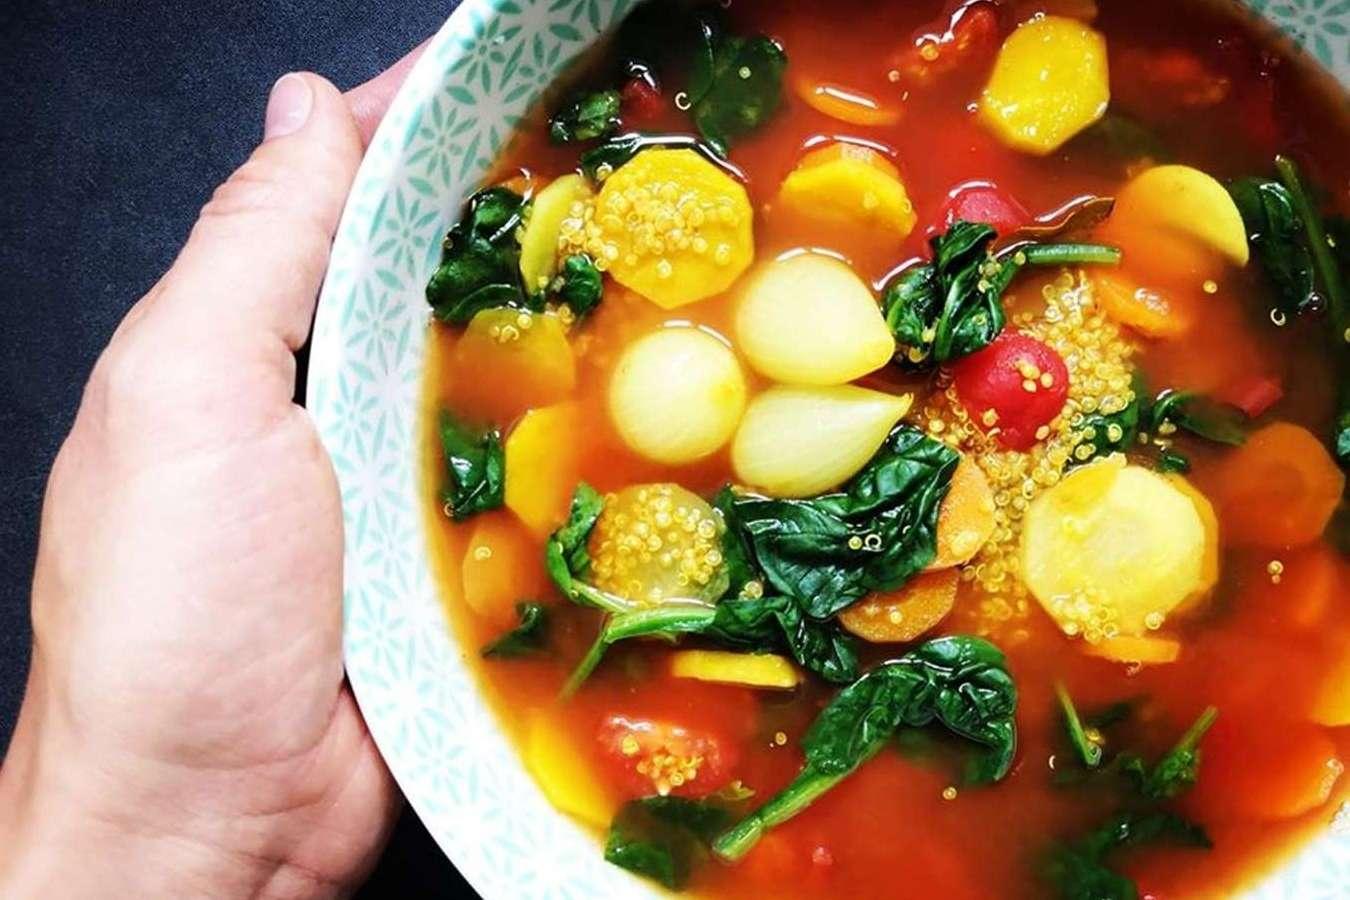 Bolivinės balandos pomidorinė sriuba